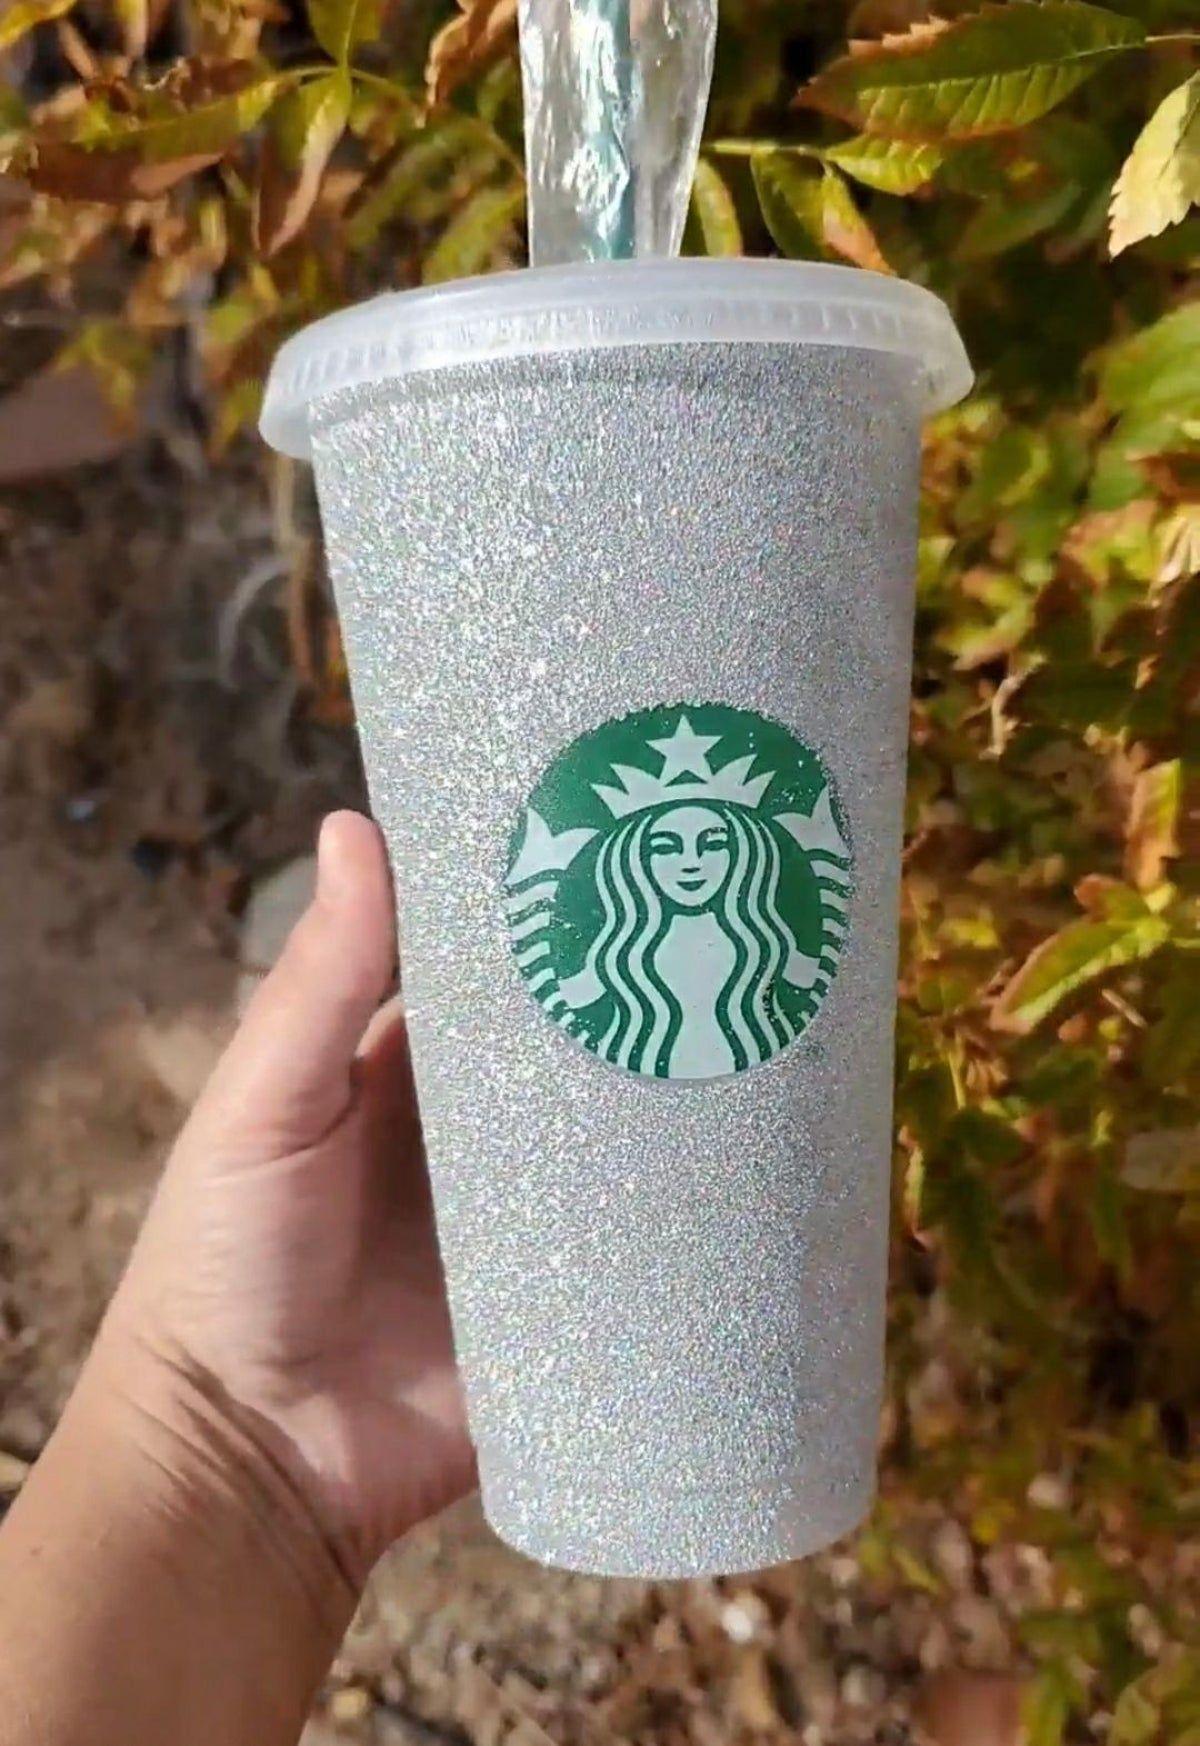 Starbucks bling glitter cup in 2020 | Custom starbucks cup